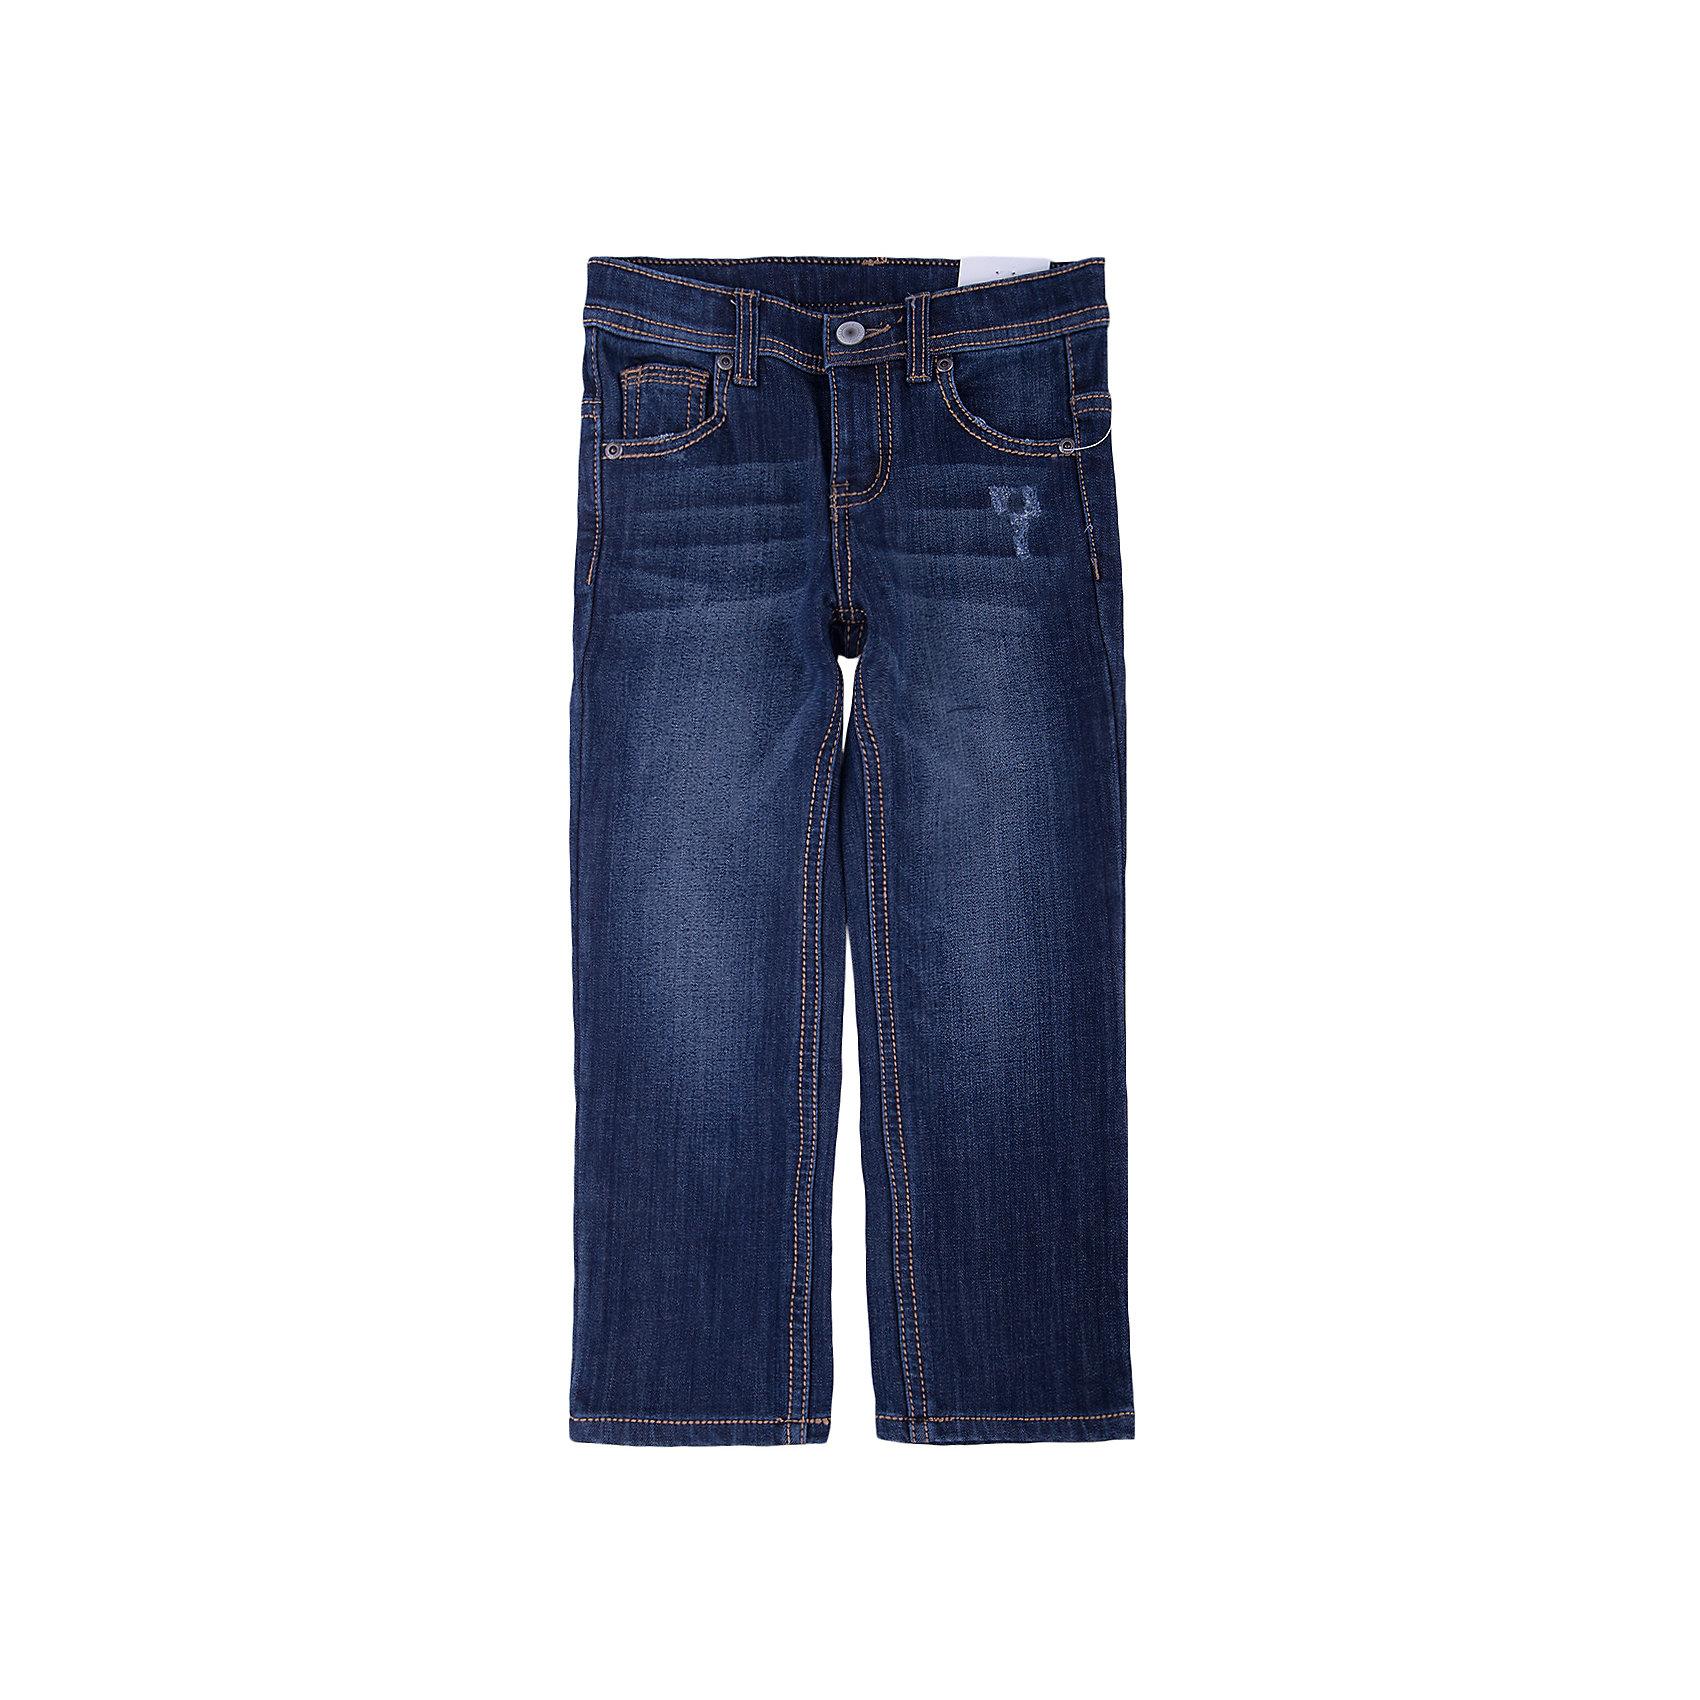 Джинсы для мальчика PlayTodayДжинсы для мальчика от известного бренда PlayToday.<br>Стильные джинсы с модными потертостями. Внутри утеплены уютным флисом. Застегиваются на молнию и пуговицу, есть шлевки для ремня. Классическая пятикарманка.<br>Состав:<br>62% хлопок, 23% вискоза, 13% полиэстер, 2% эластан<br><br>Ширина мм: 215<br>Глубина мм: 88<br>Высота мм: 191<br>Вес г: 336<br>Цвет: синий<br>Возраст от месяцев: 36<br>Возраст до месяцев: 48<br>Пол: Мужской<br>Возраст: Детский<br>Размер: 104,122,98,116,110,128<br>SKU: 4898278